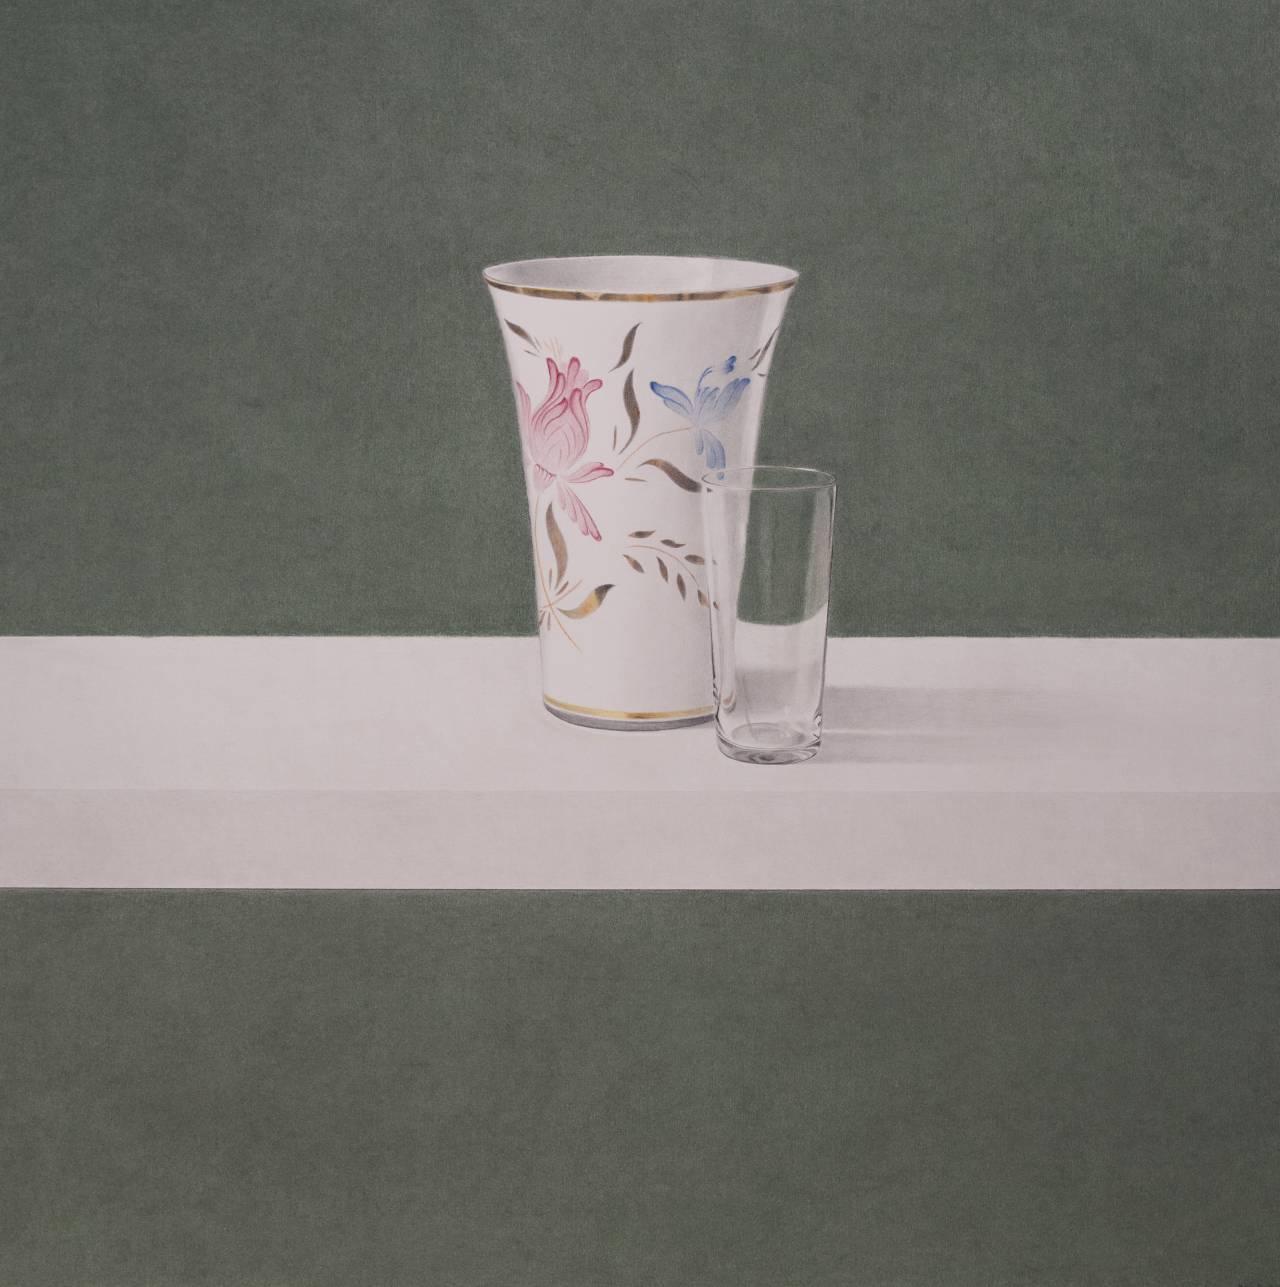 Soledad compartida (2019) - Angel Luis Muñoz Durán